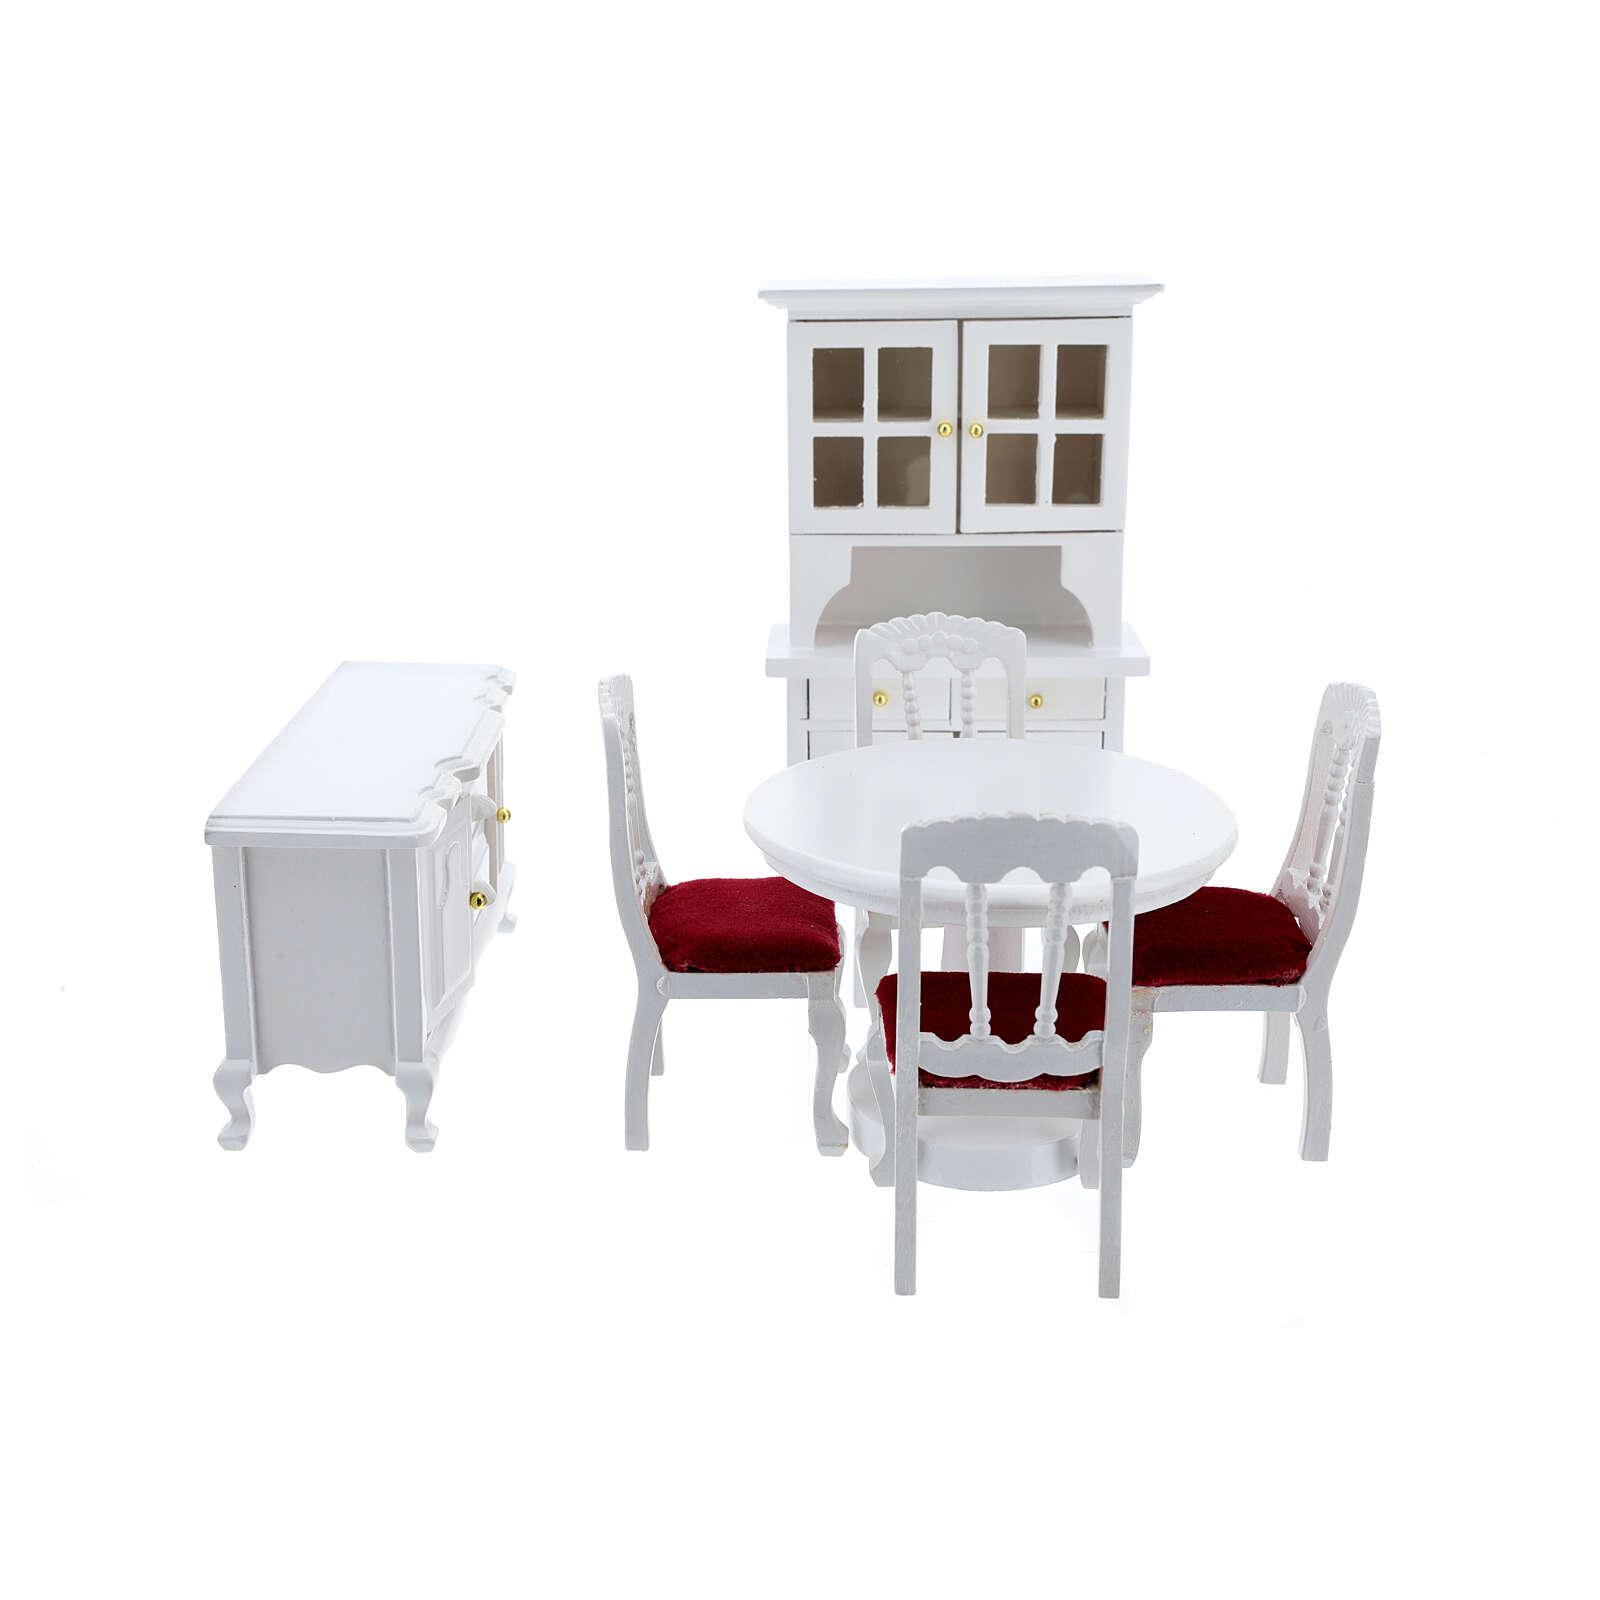 Muebles madera blanca comedor 7 piezas belén 12 cm 4